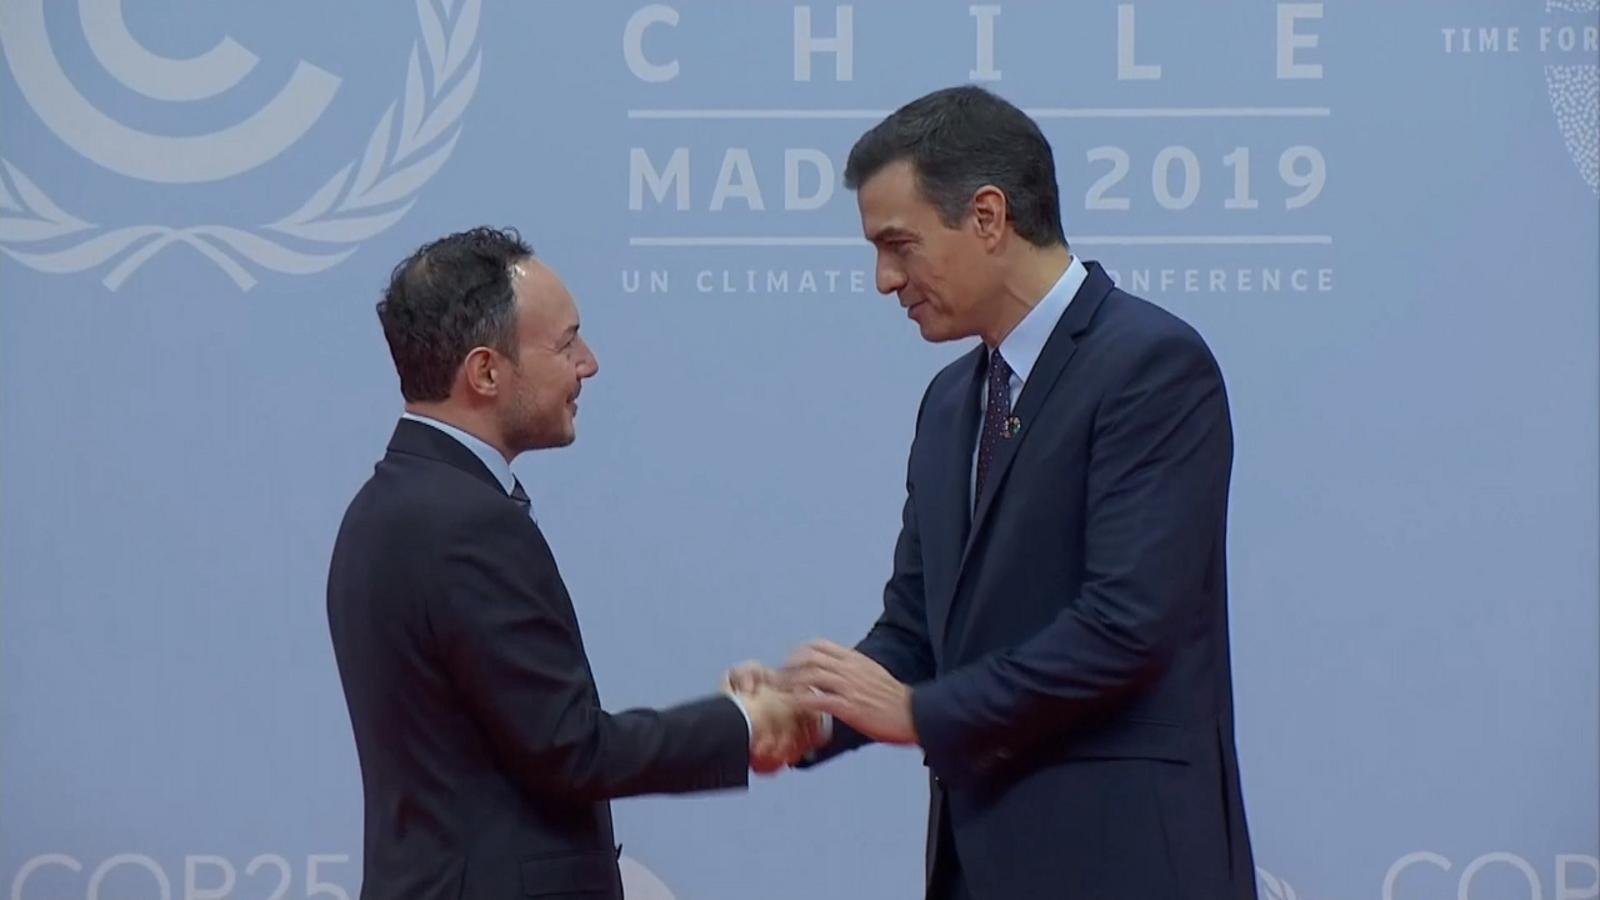 La Cimera del Clima (COP25) que s'ha celebrat a Madrid i que ha comptat amb la participació del cap de Govern, Xavier Espot